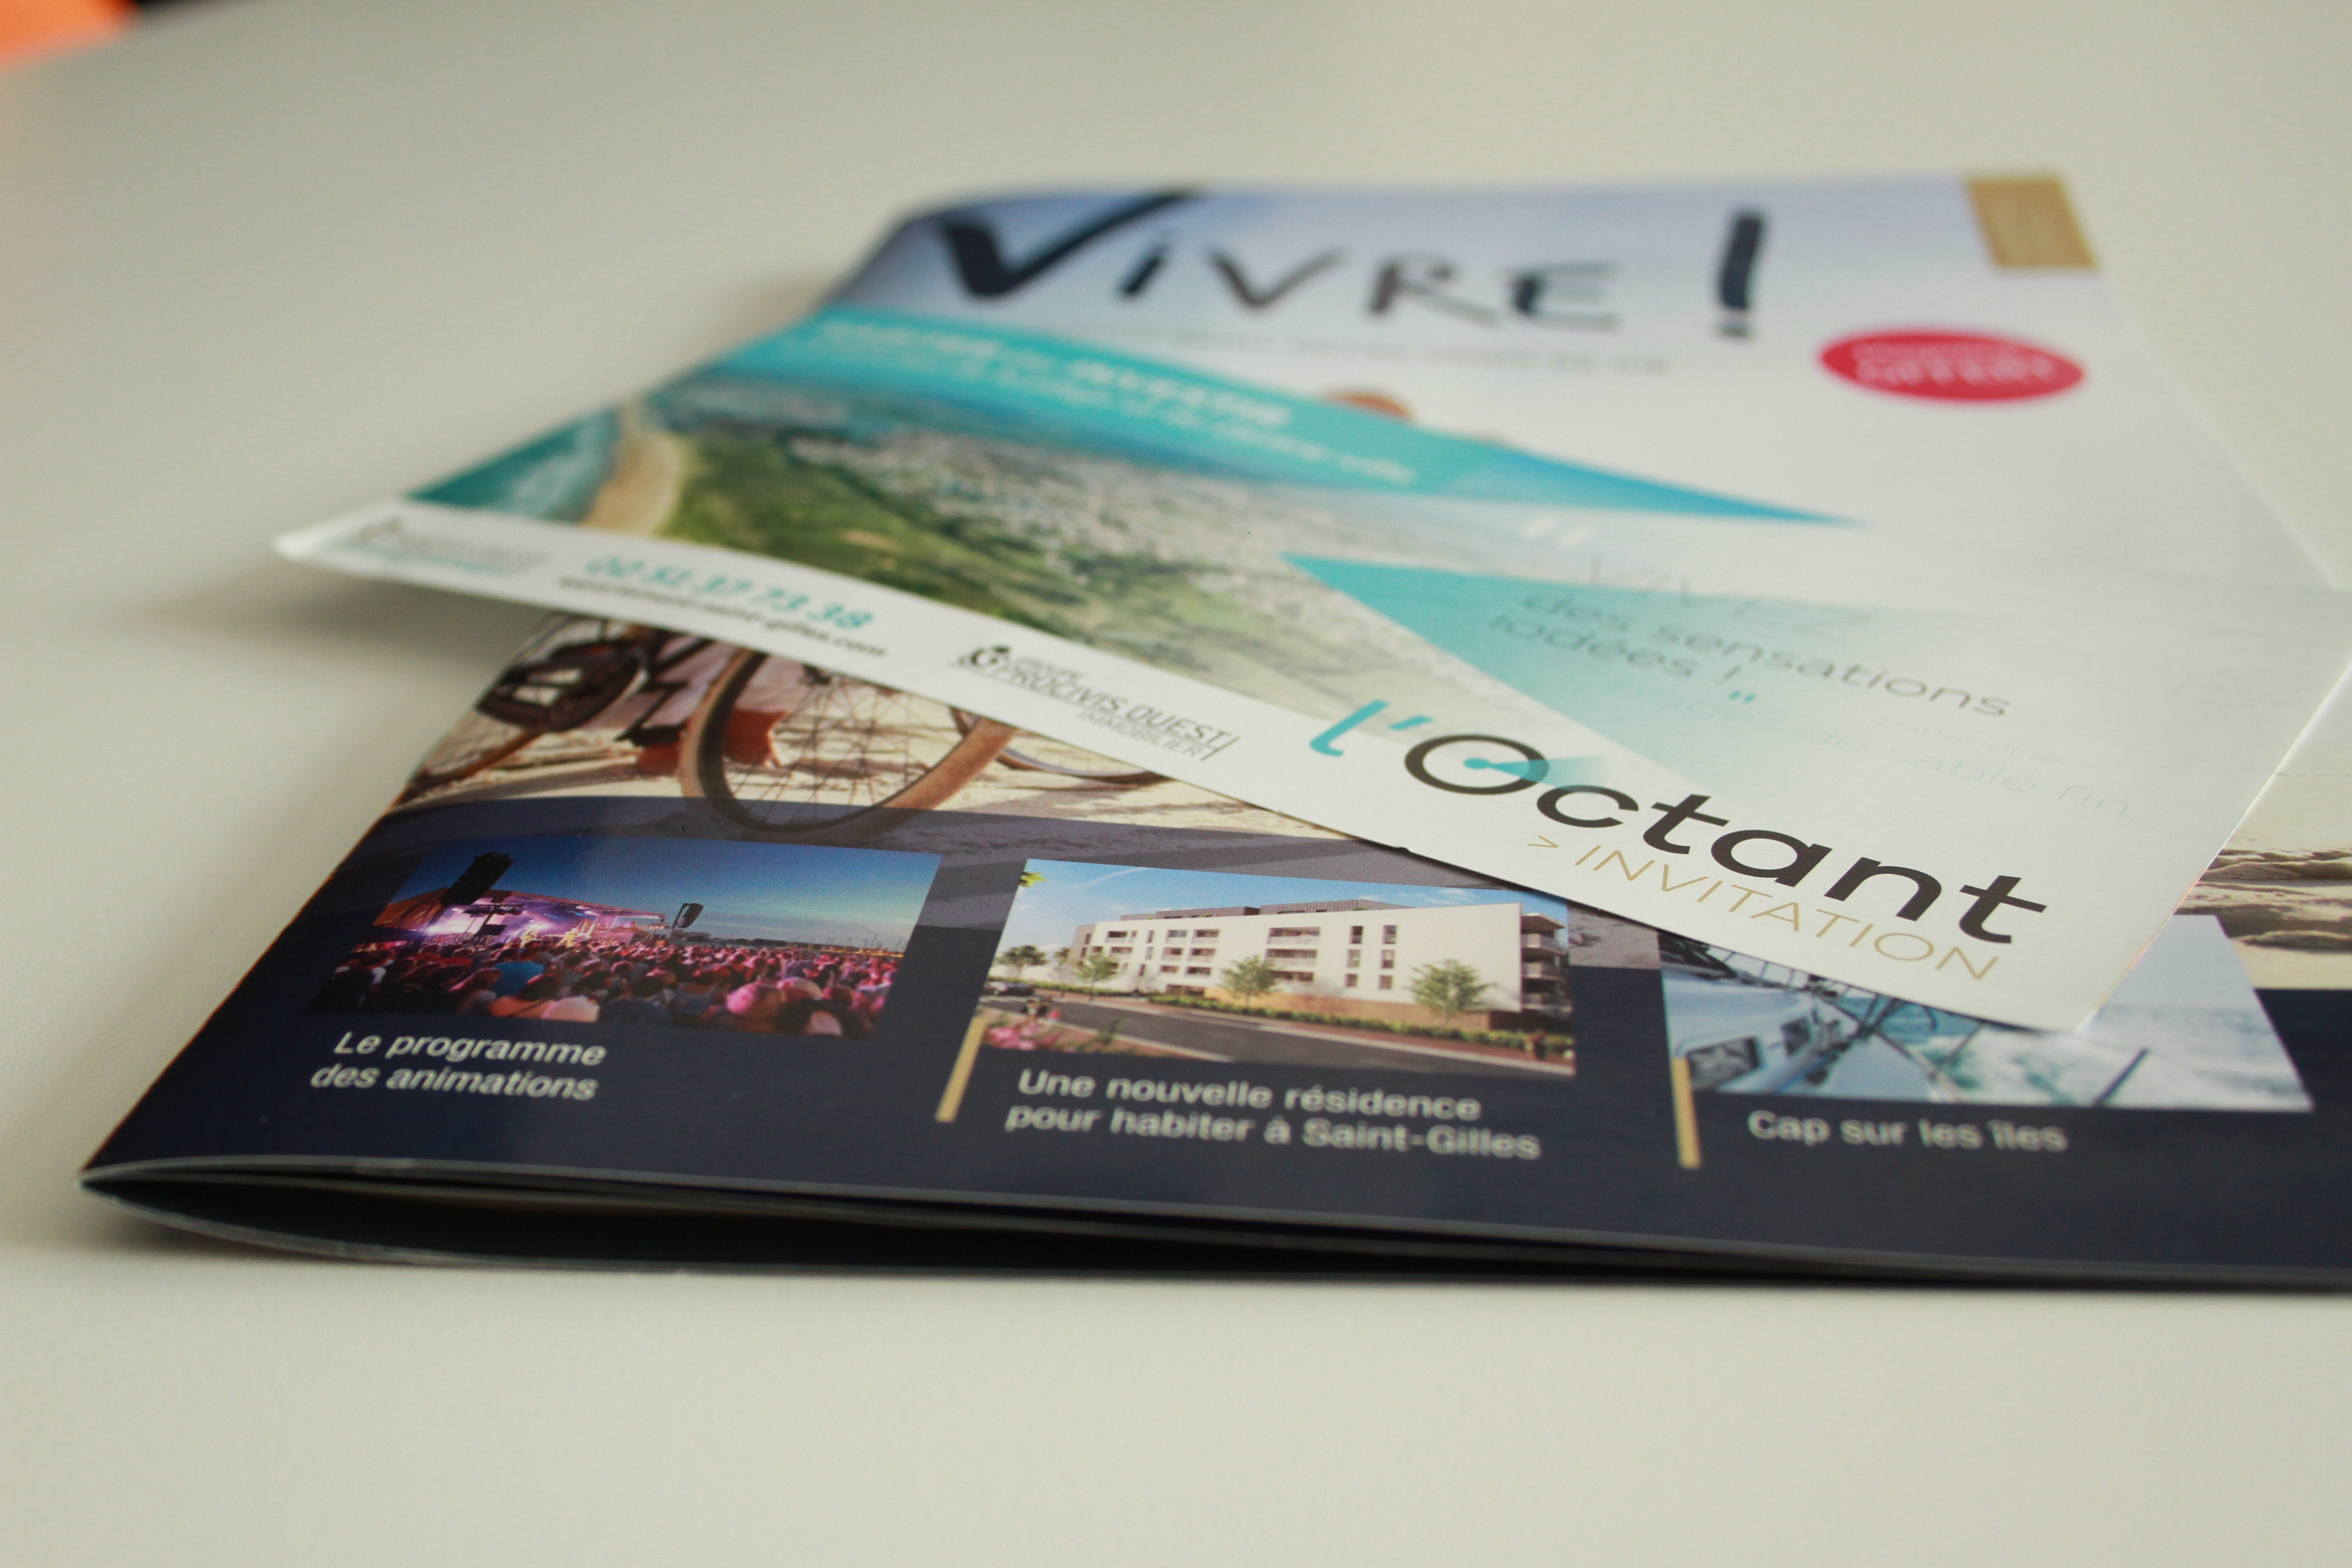 Magazine et flyers pour jeu concours L'Octant